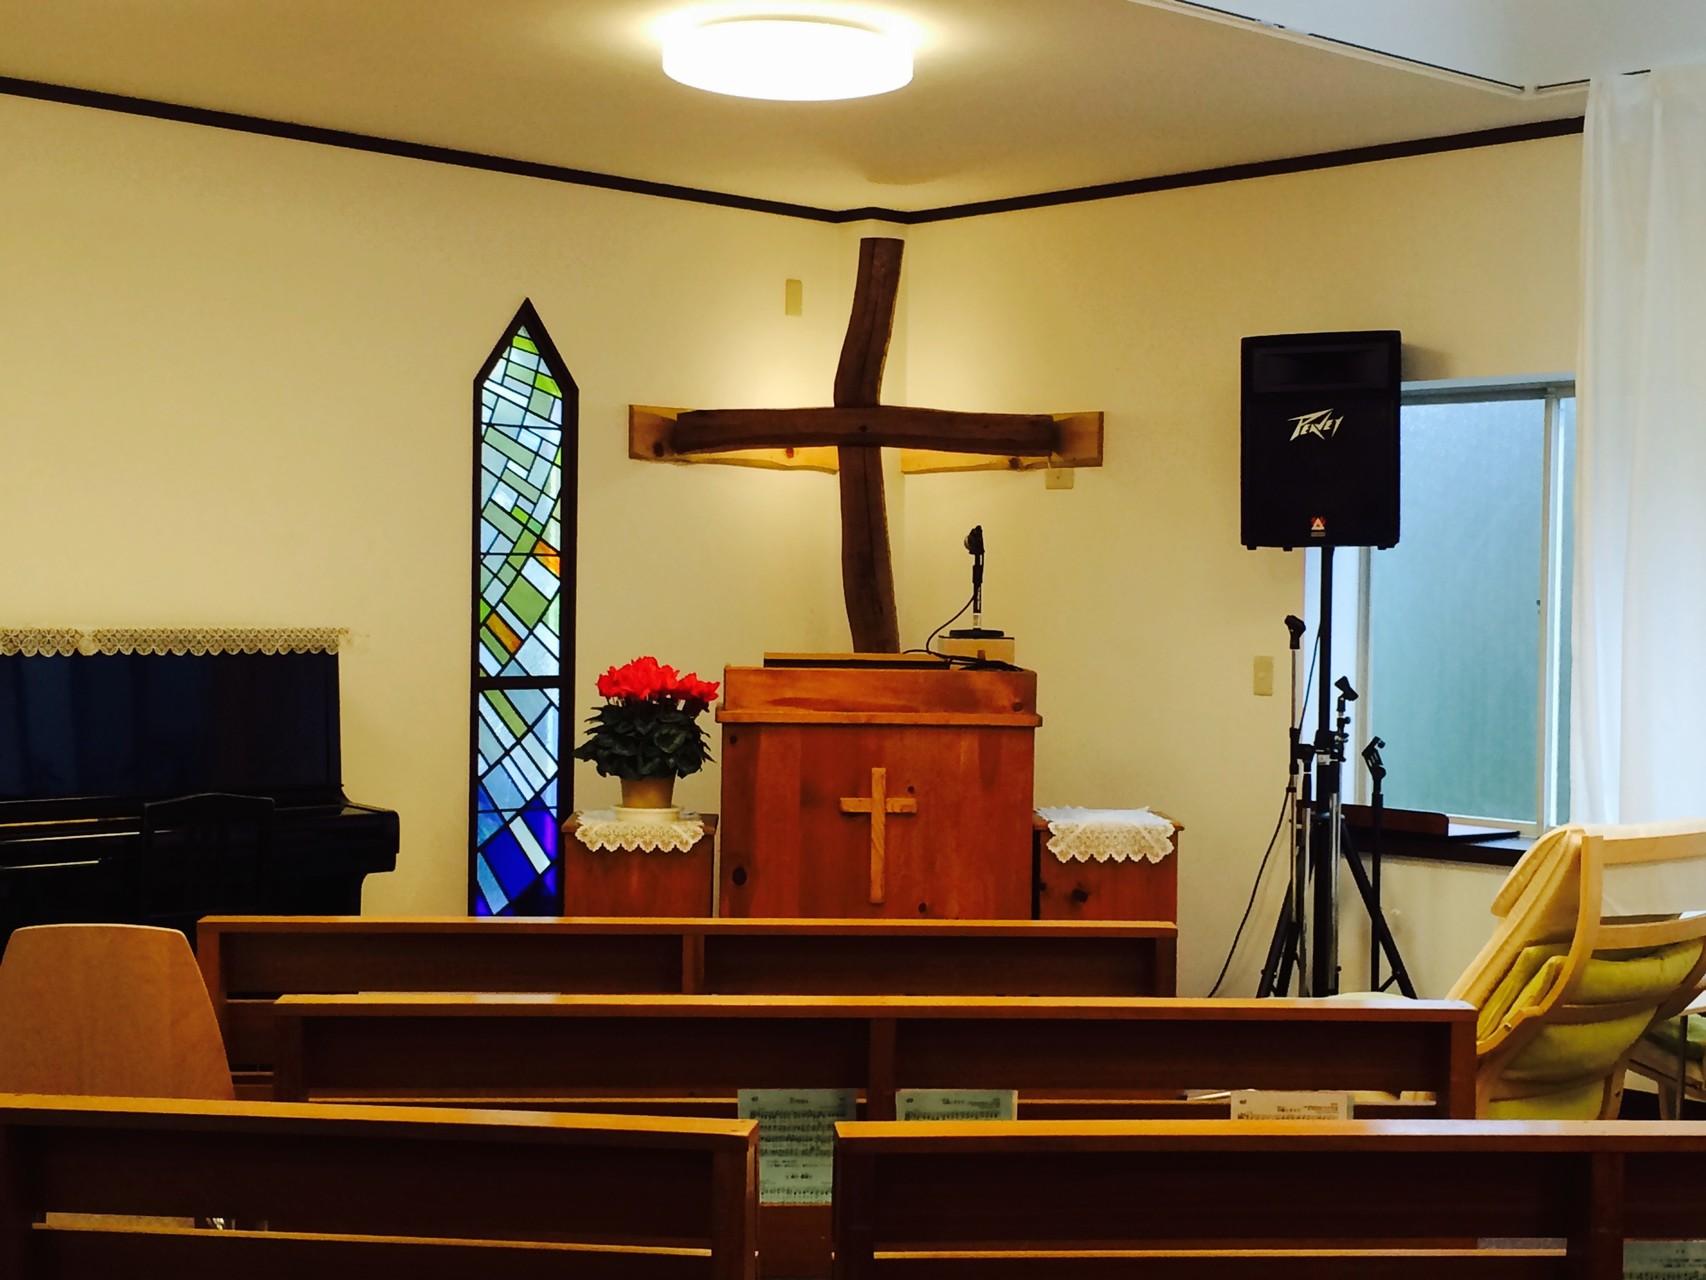 現在の礼拝堂はこのようになっています。